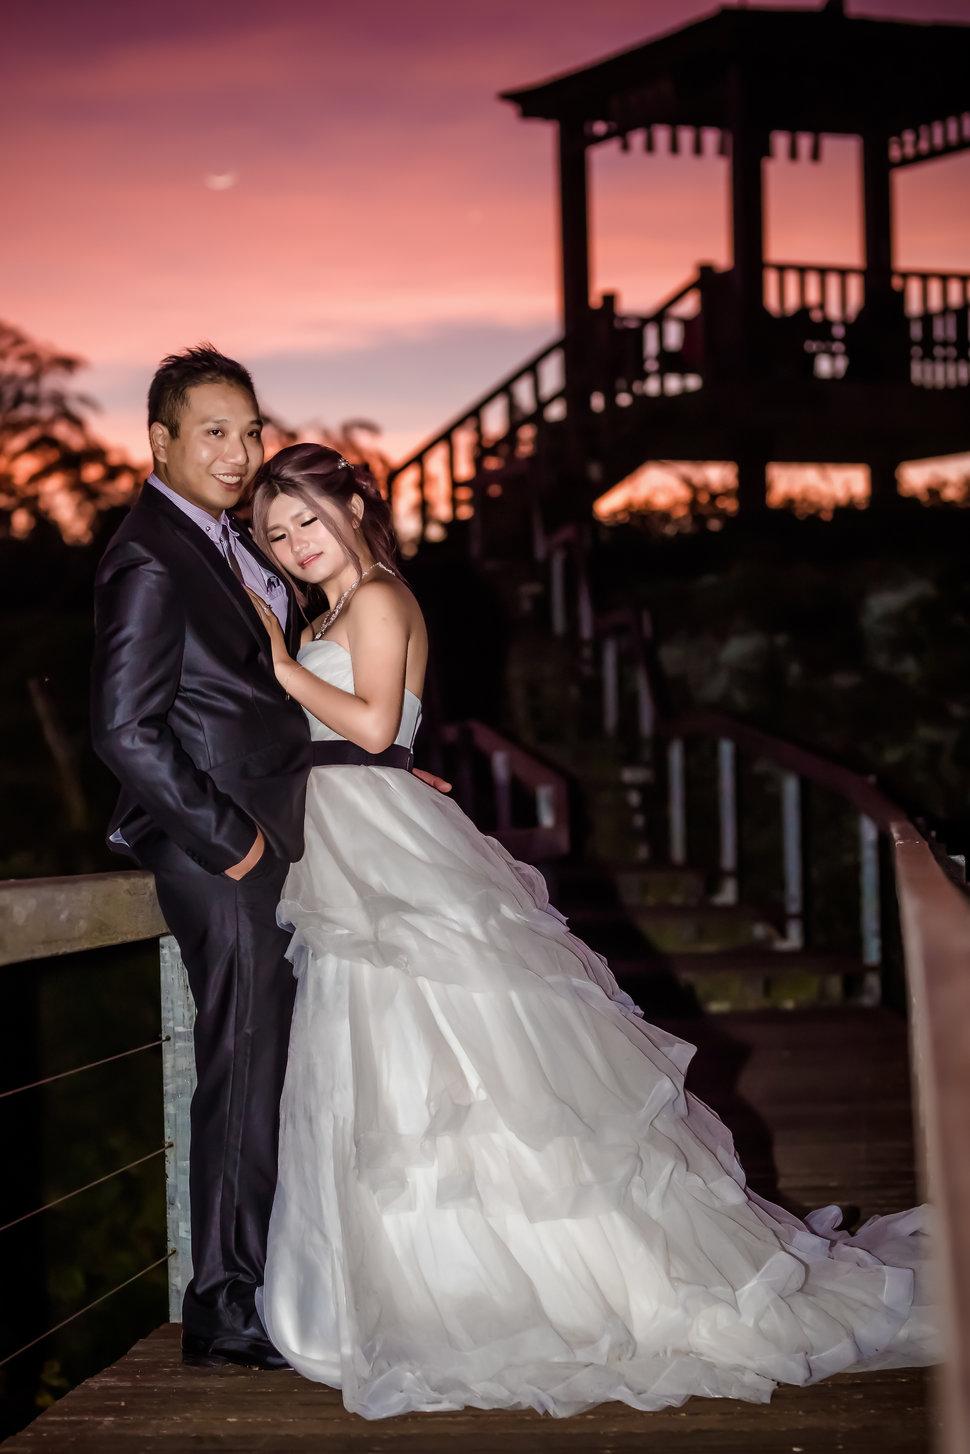 5D4_2163 - 光羽影像工作室 - 結婚吧